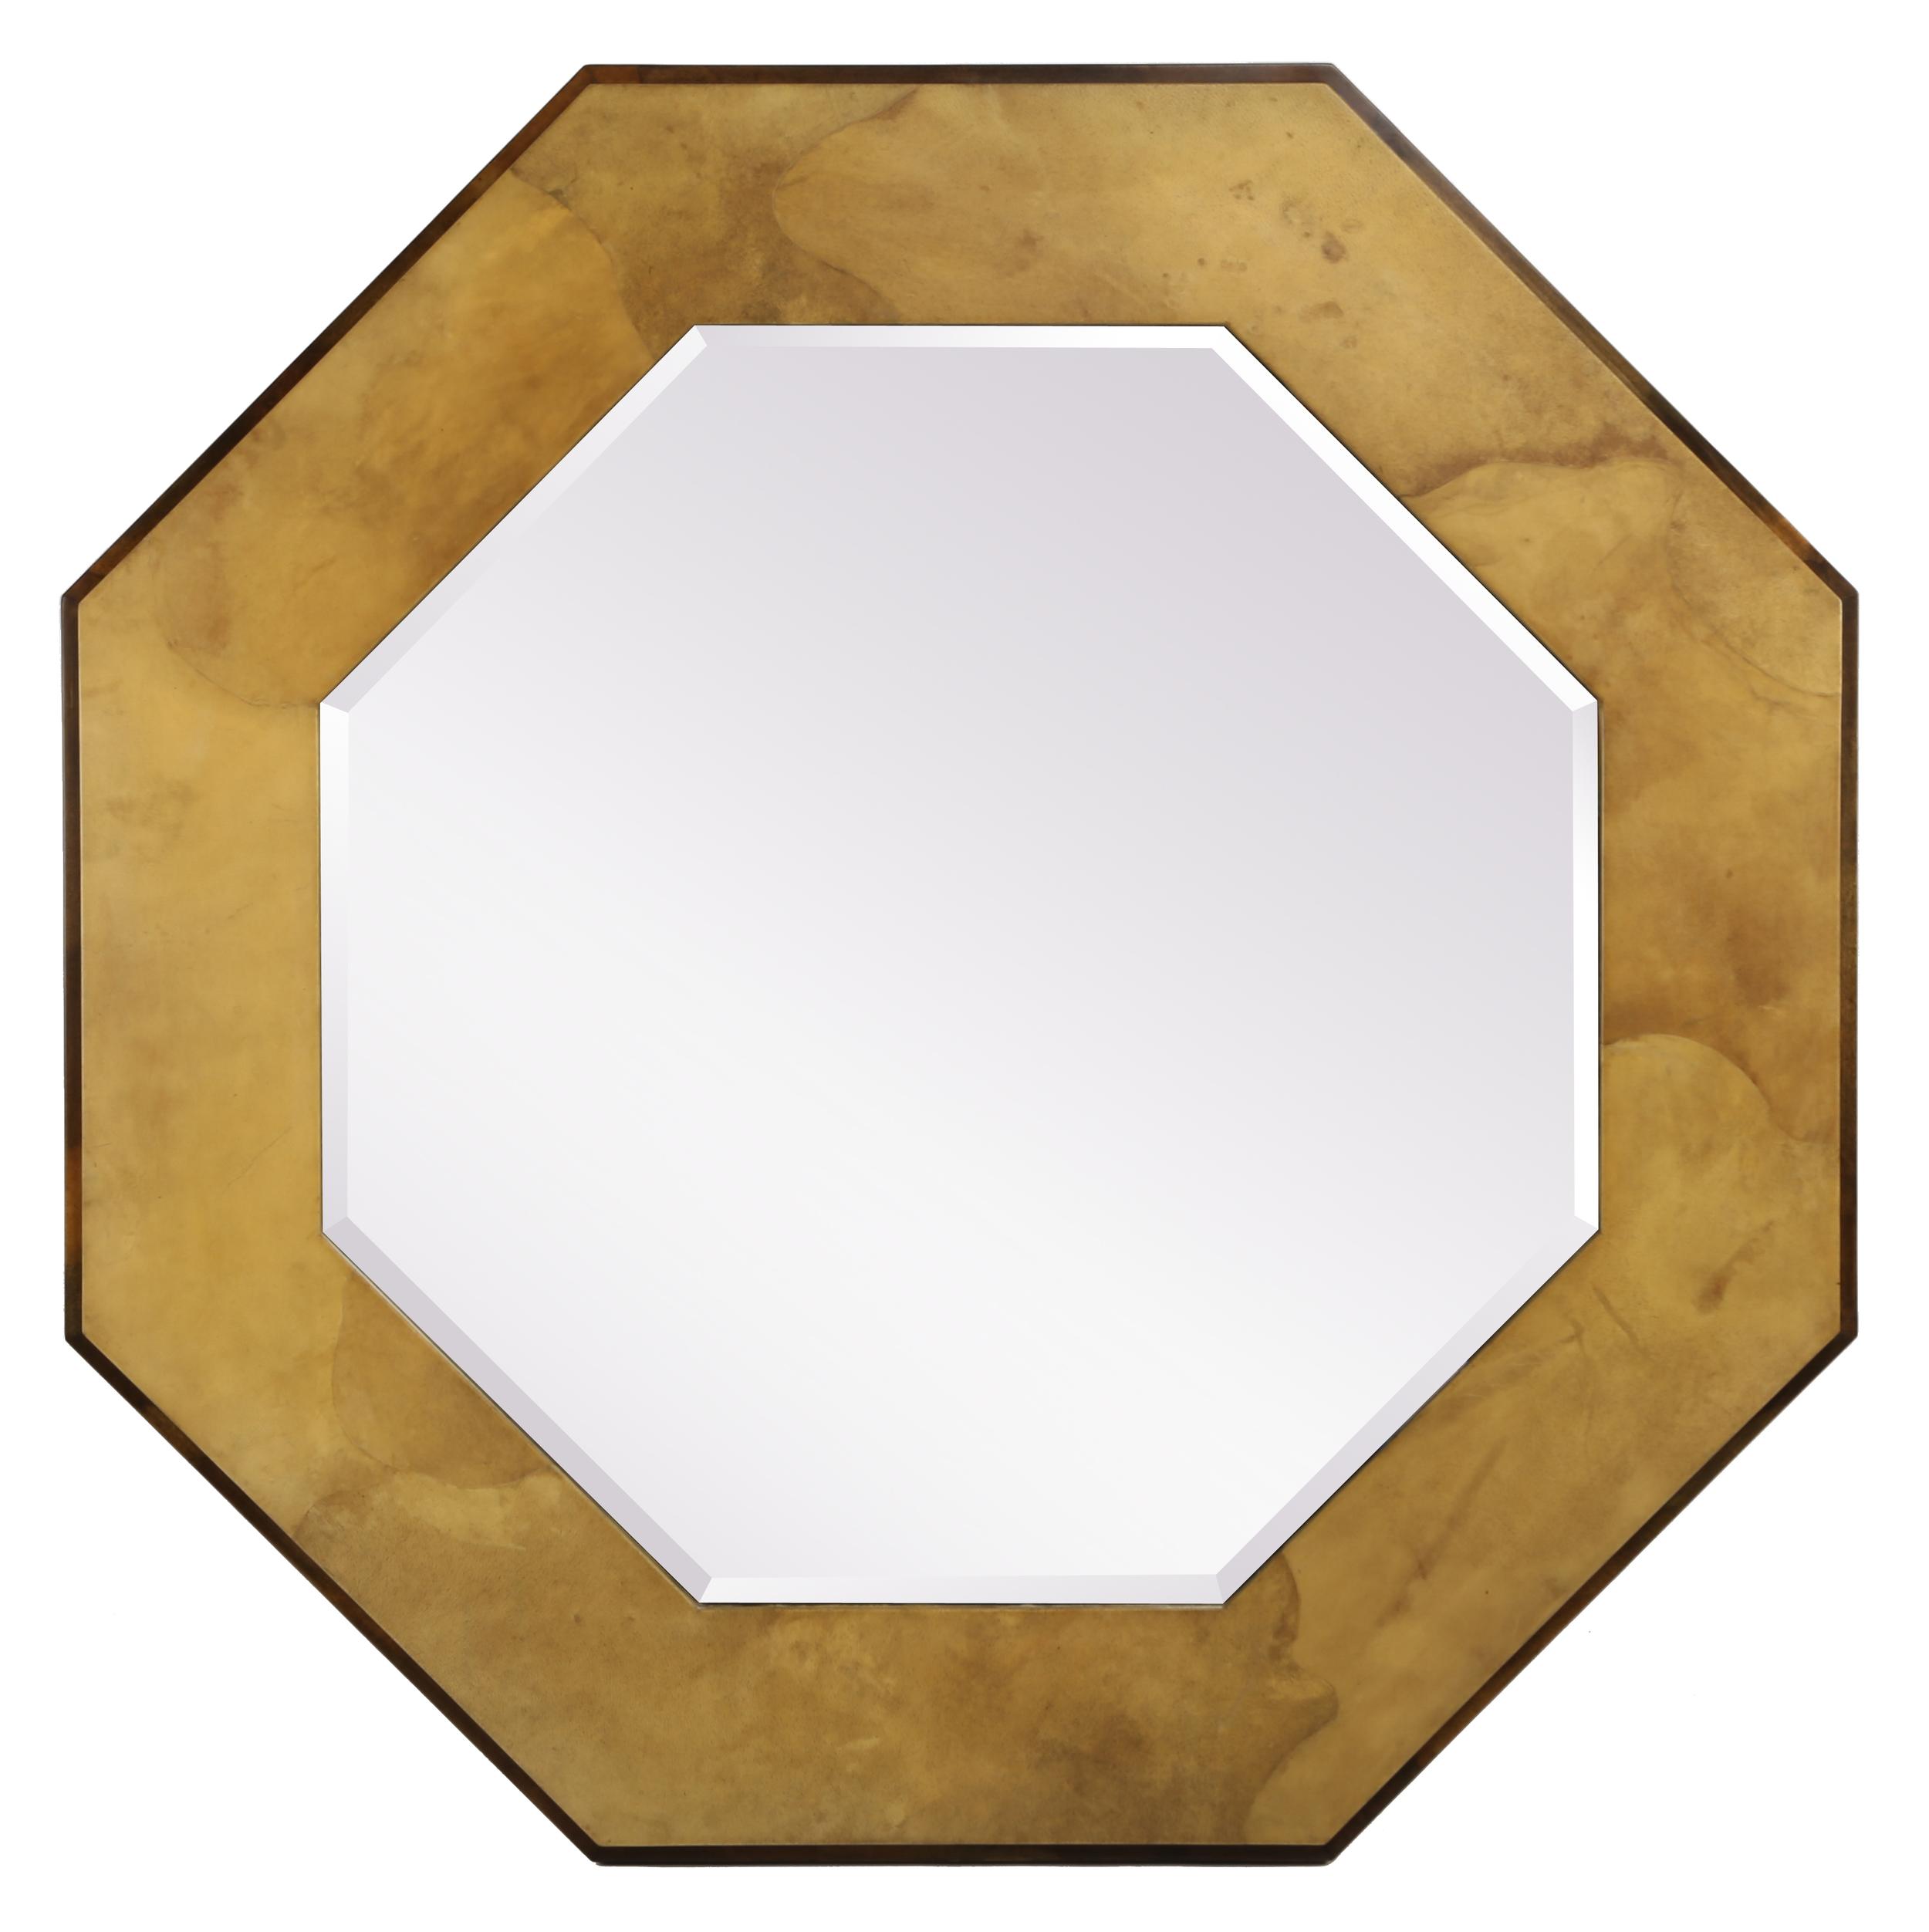 Springer Goatskin Mirror-1038-Edit.jpg